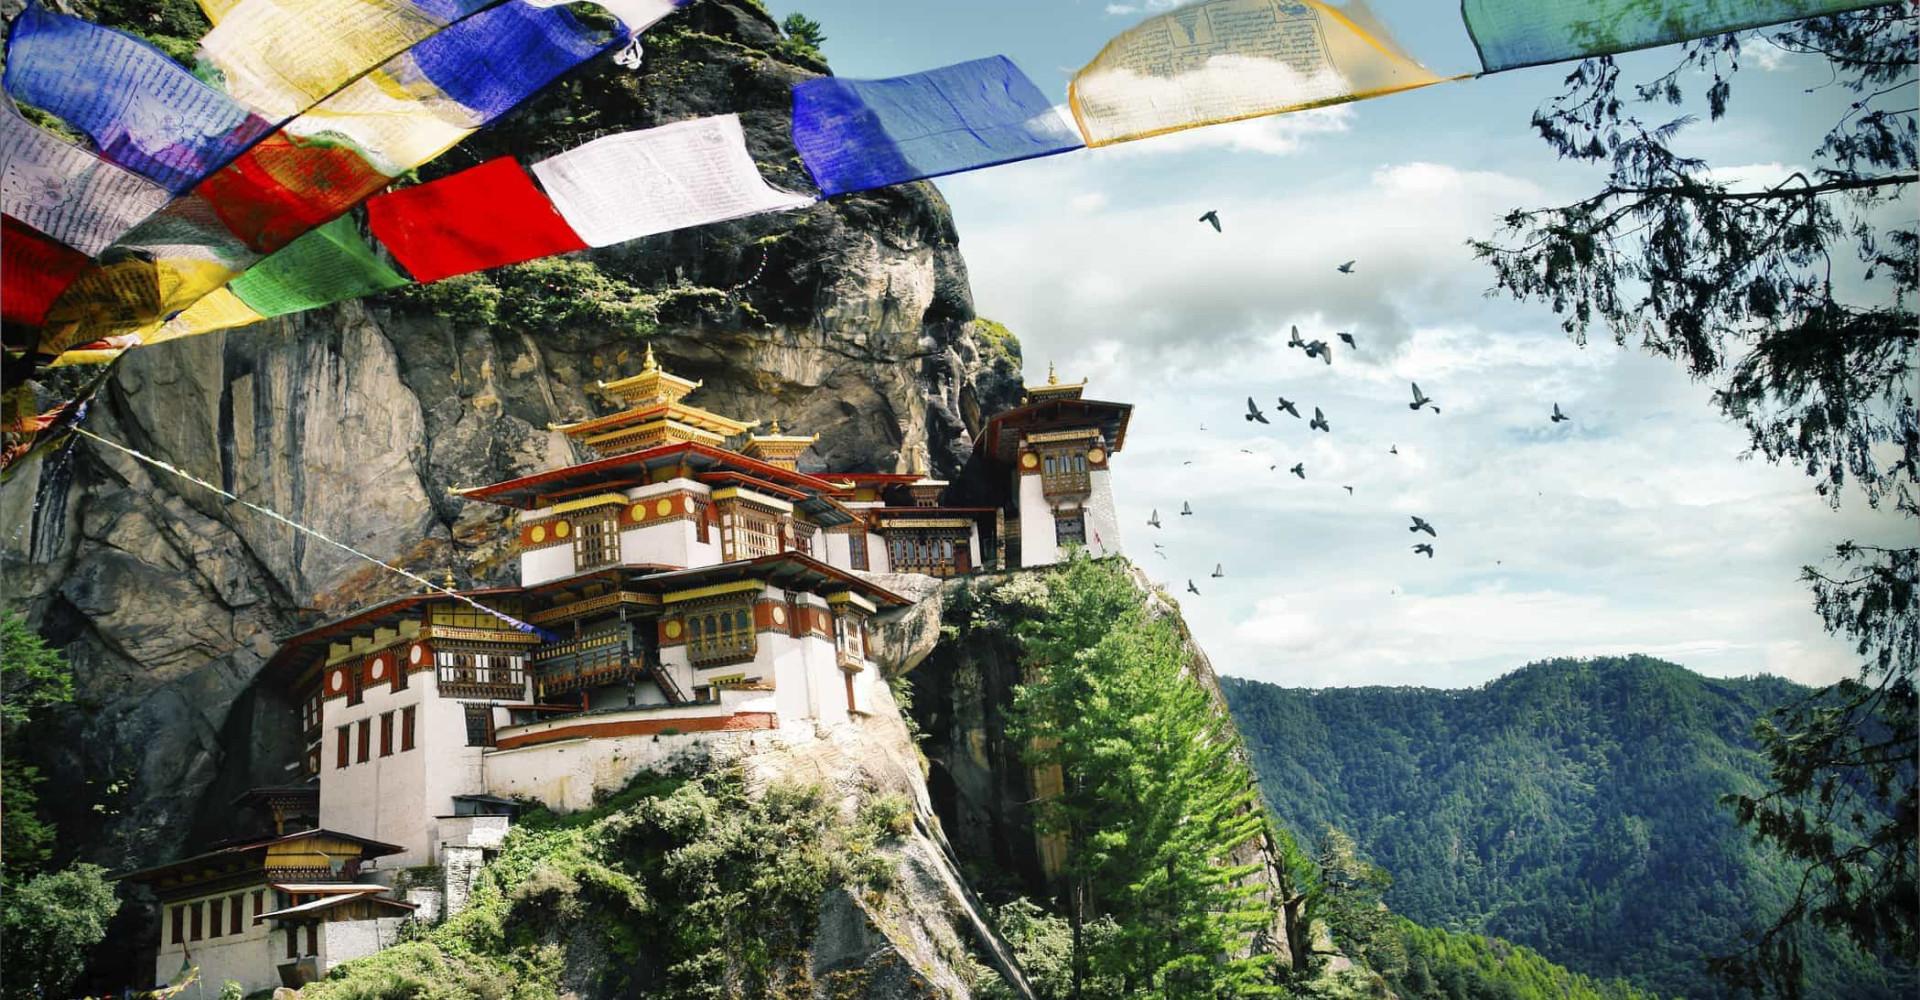 Prochaine destination: le royaume mystique du Bhoutan!